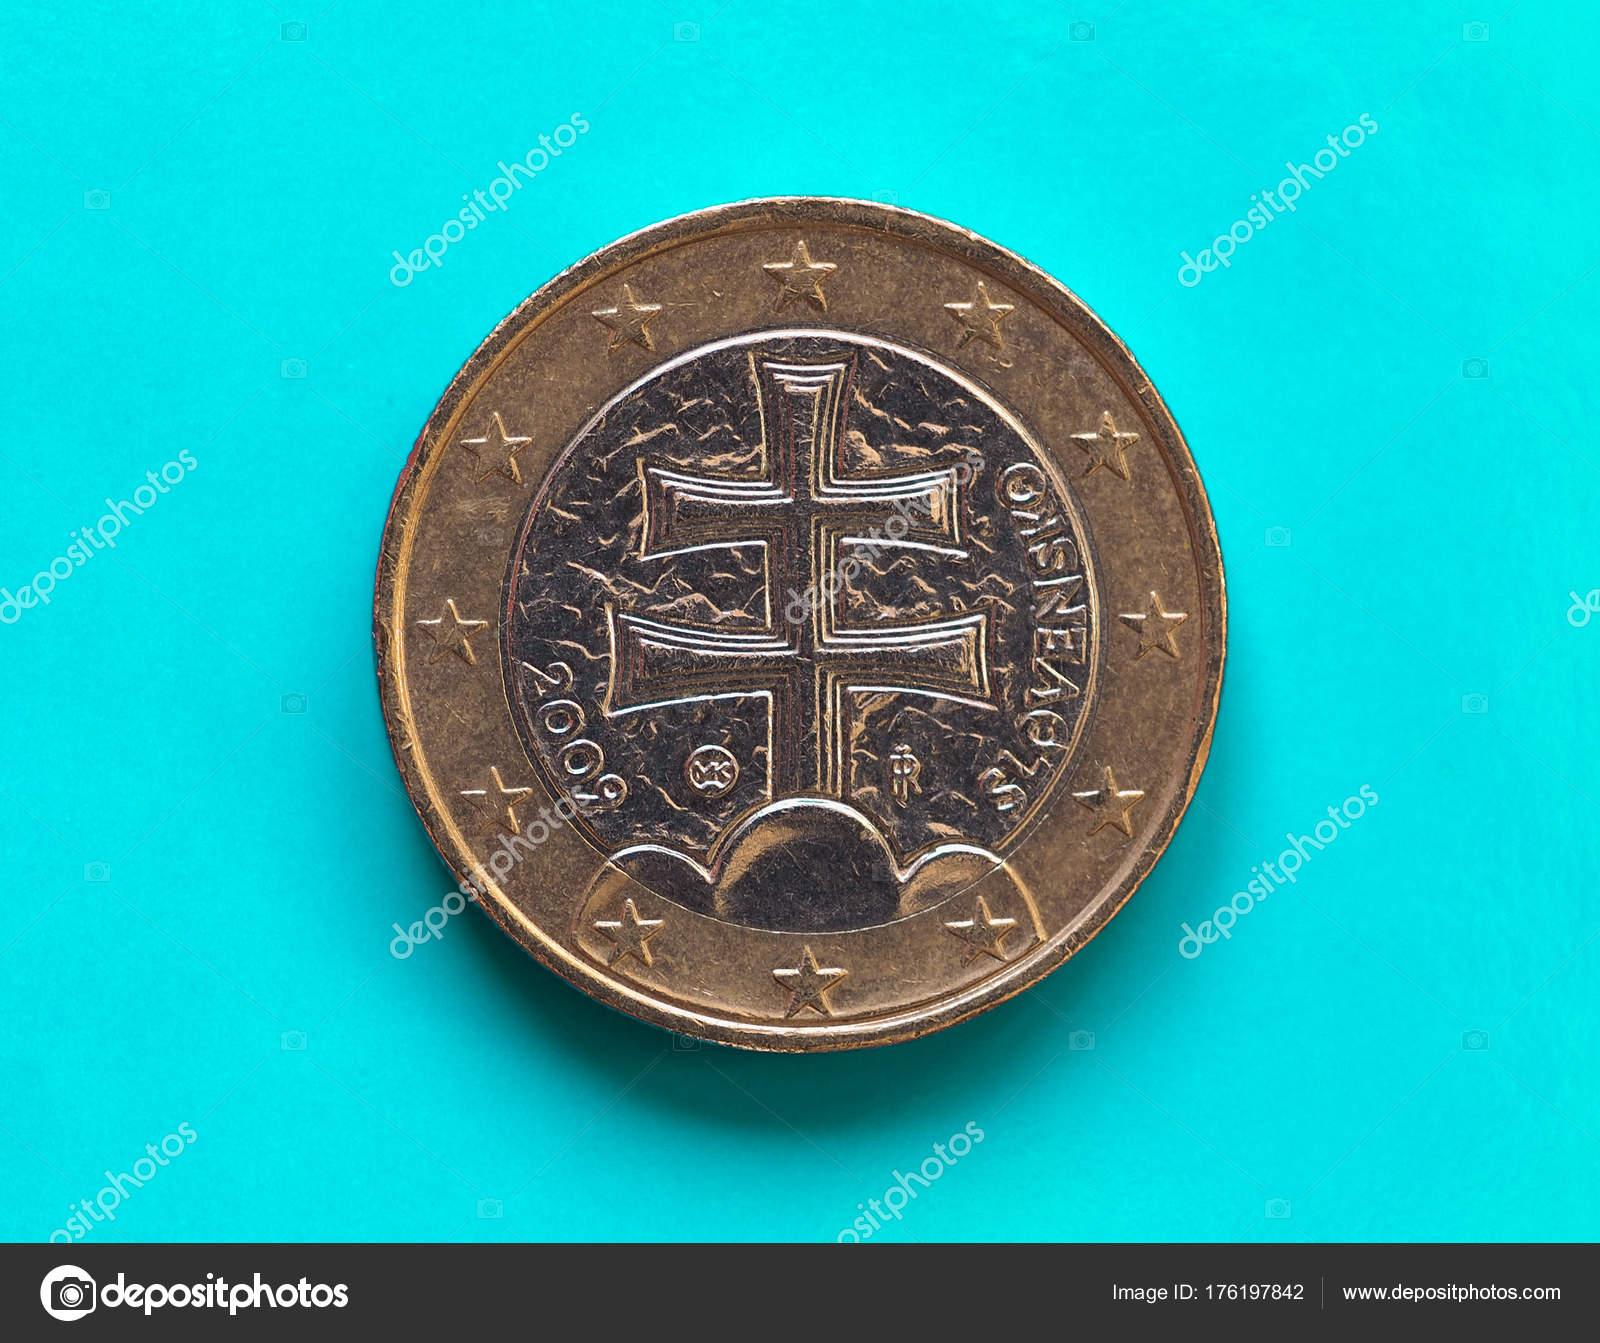 1 Euro Münze Europäische Union Slowakei über Grün Blau